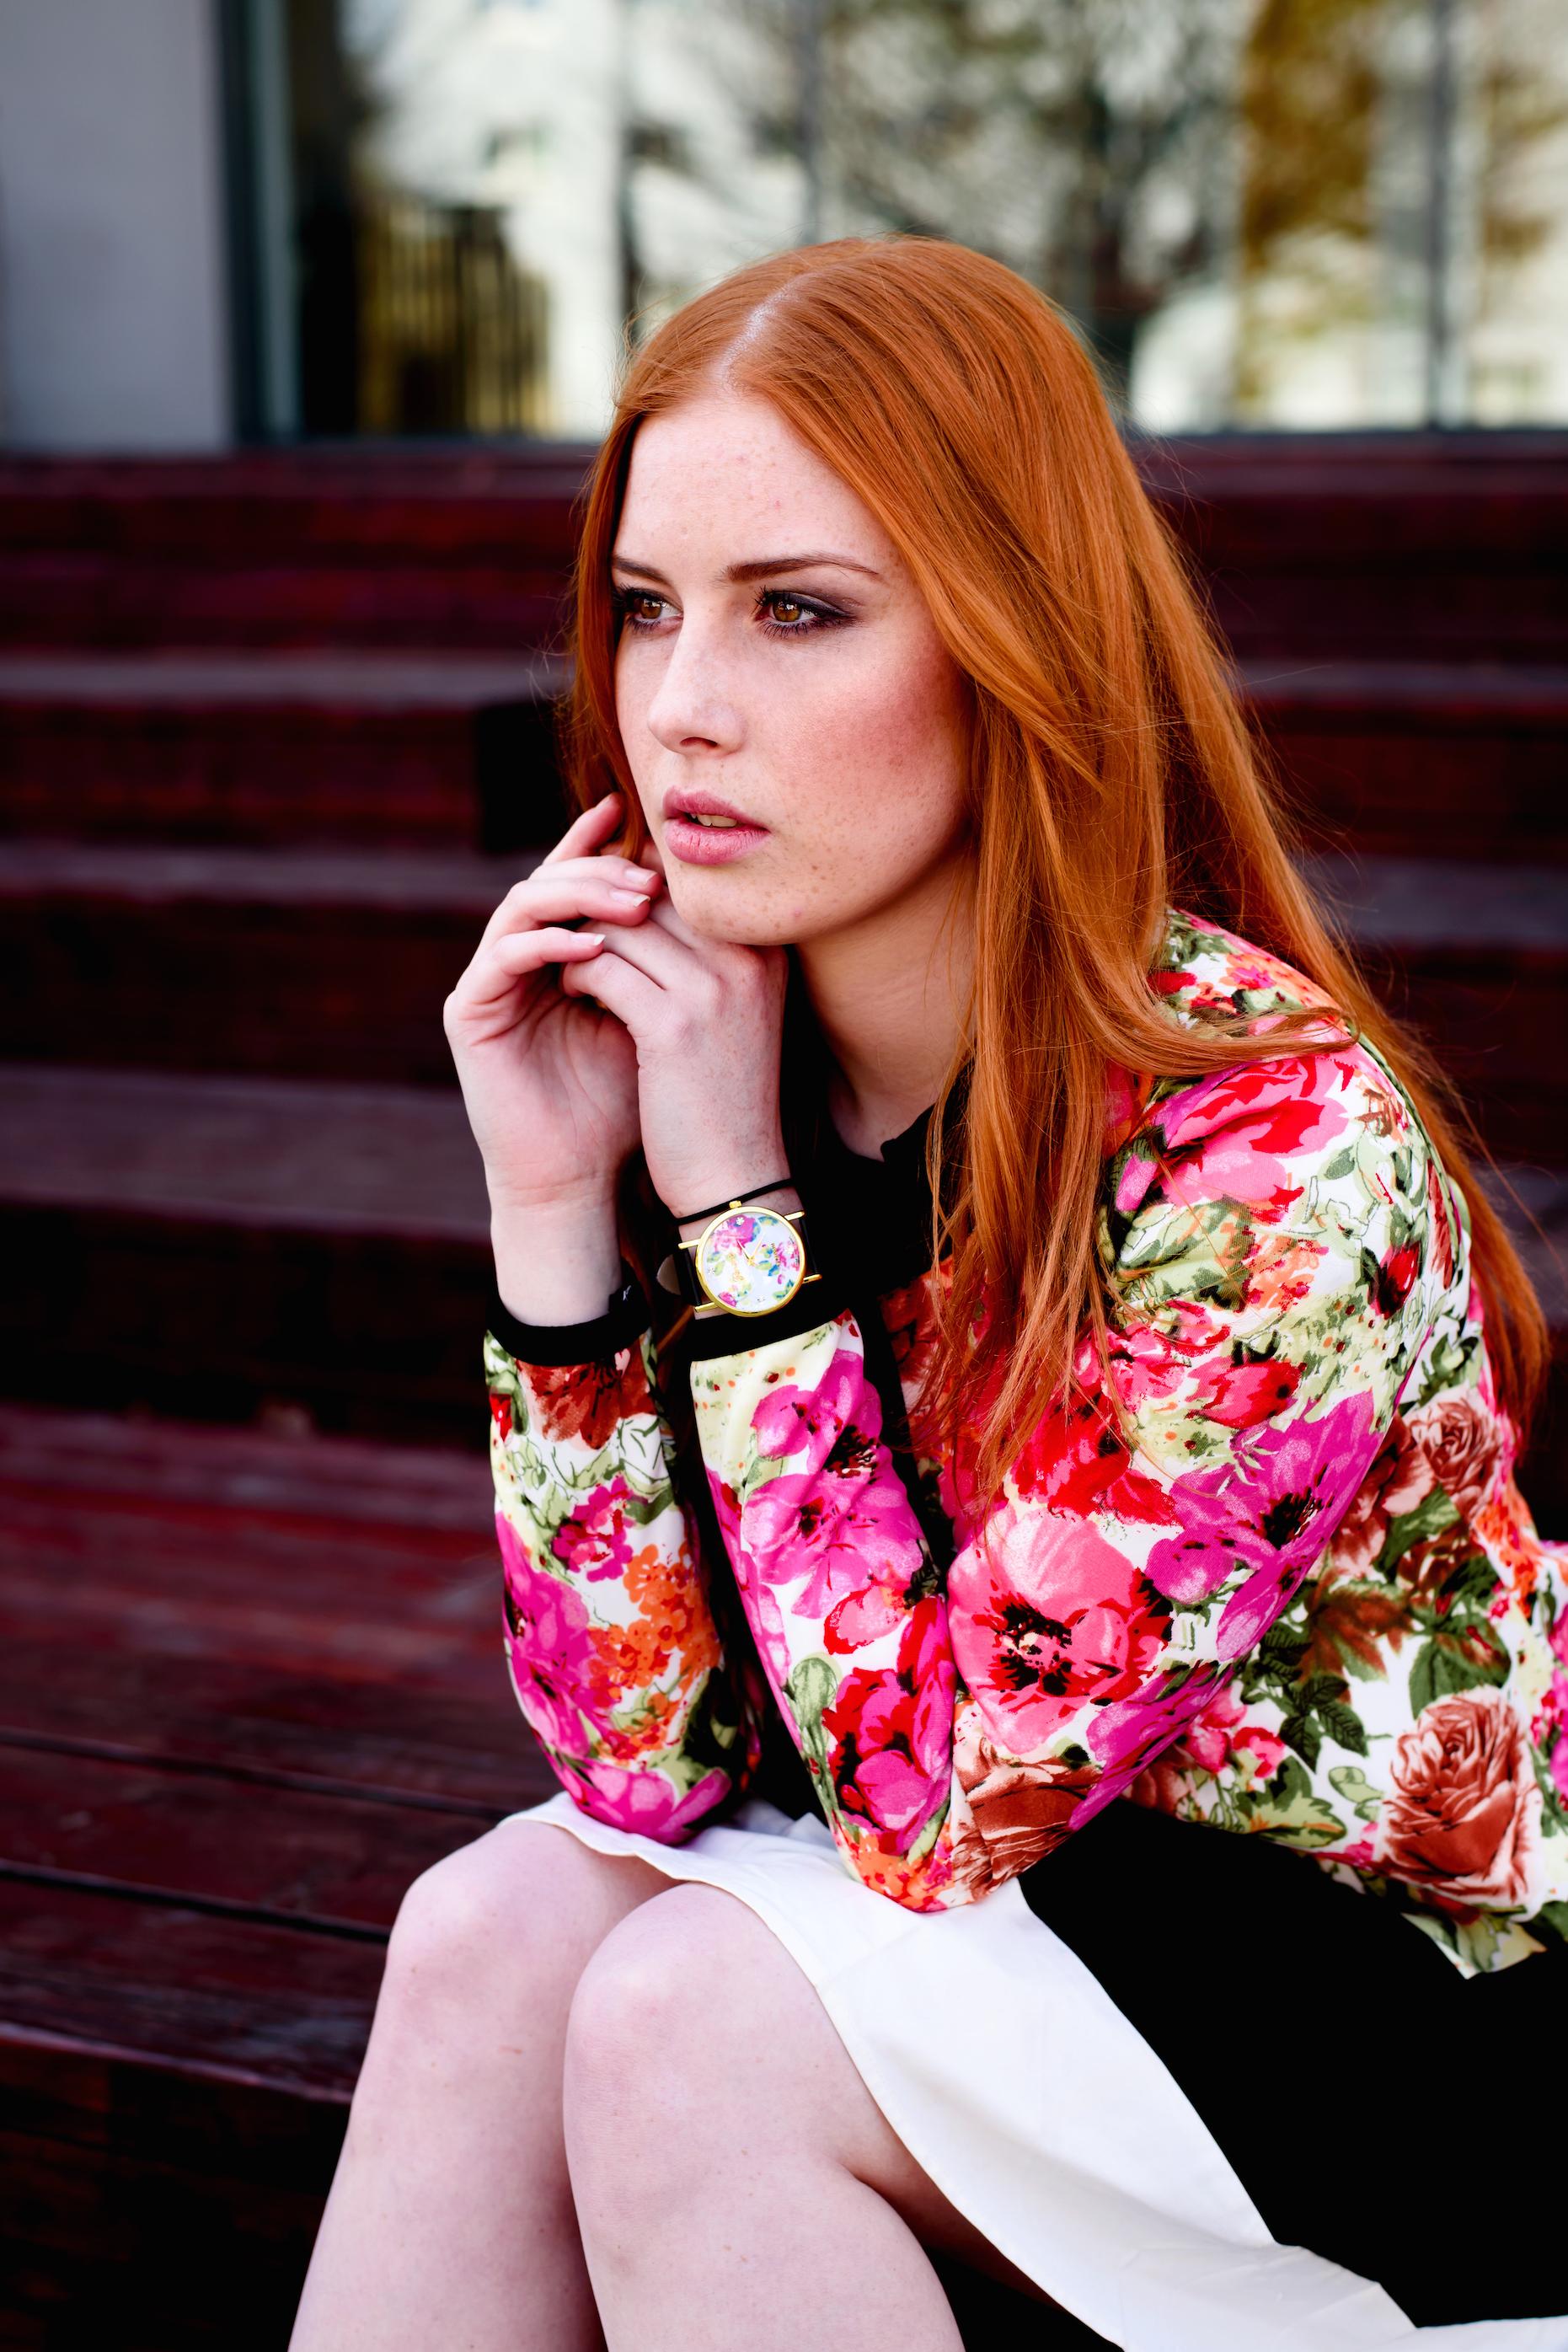 Lenka Regalová ootd style fashion redhead freackles bow flower floral